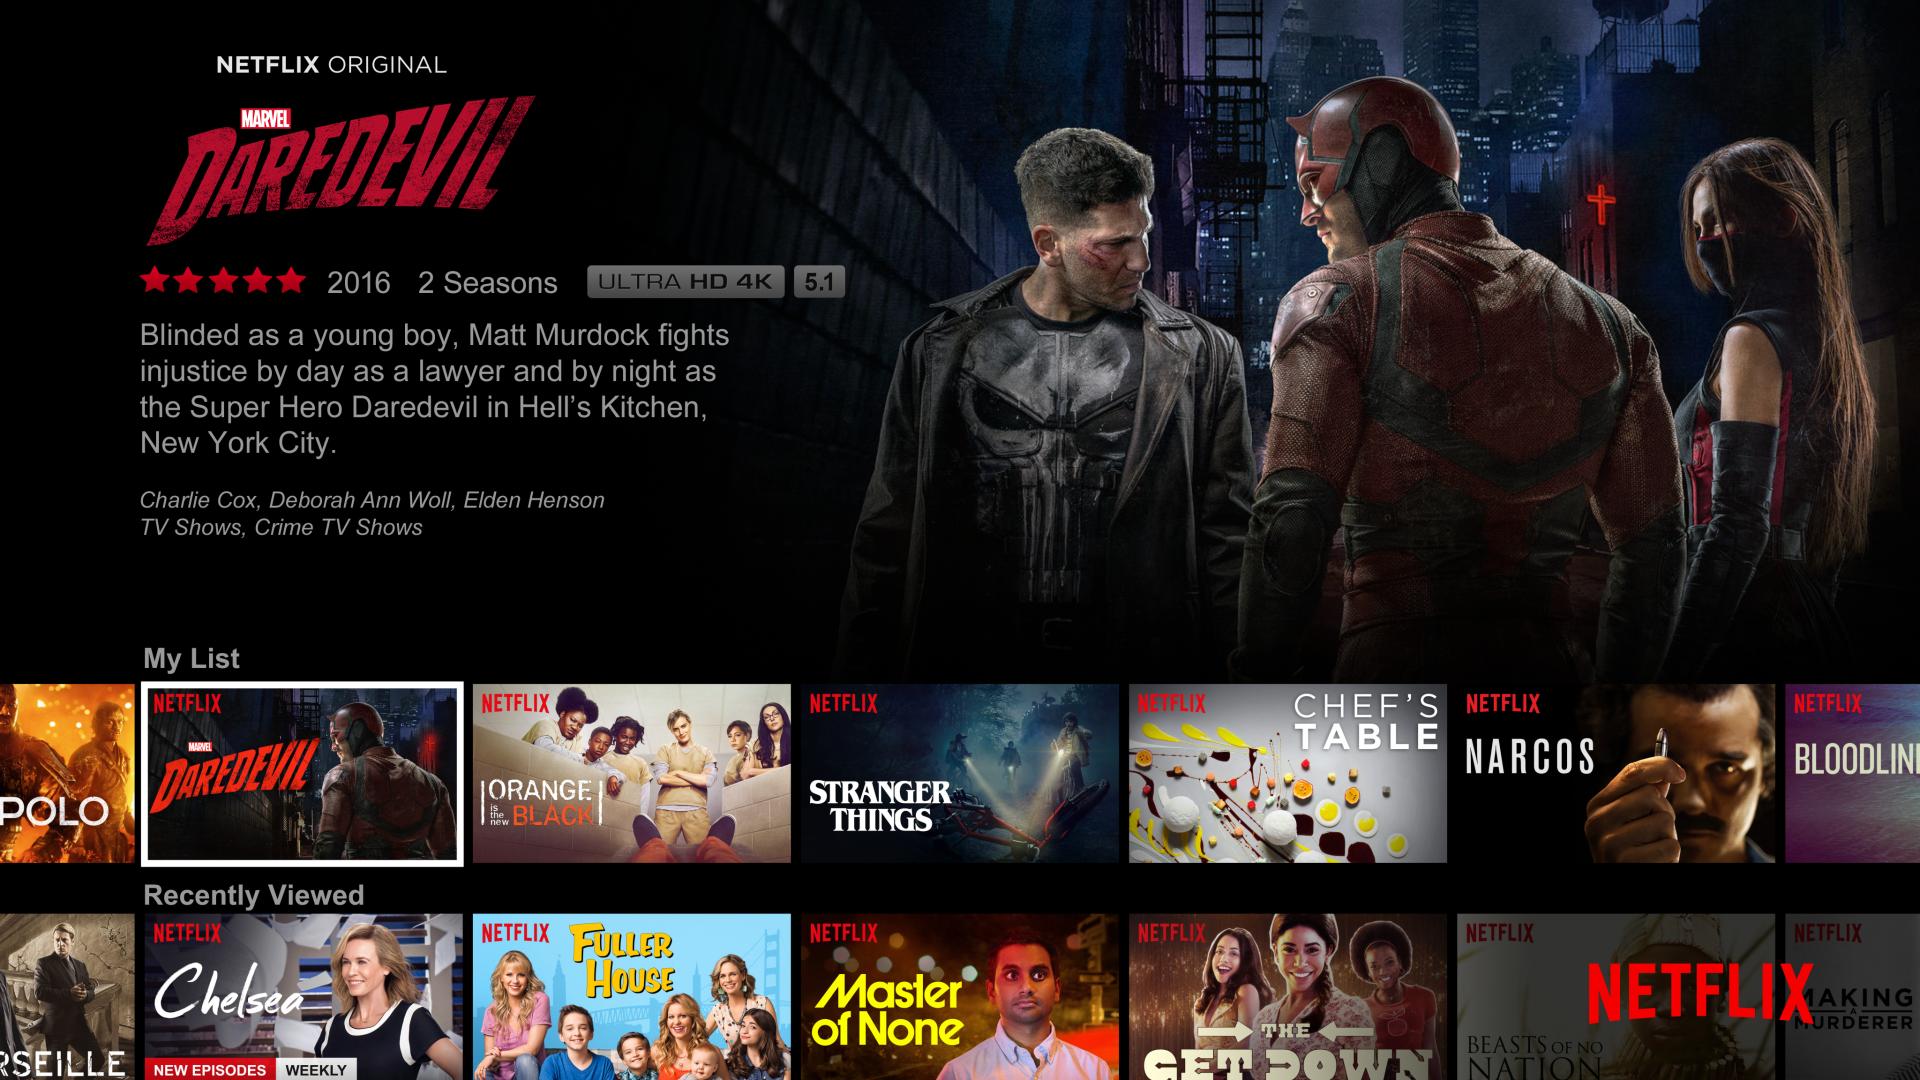 A screenshot of the Netflix app.